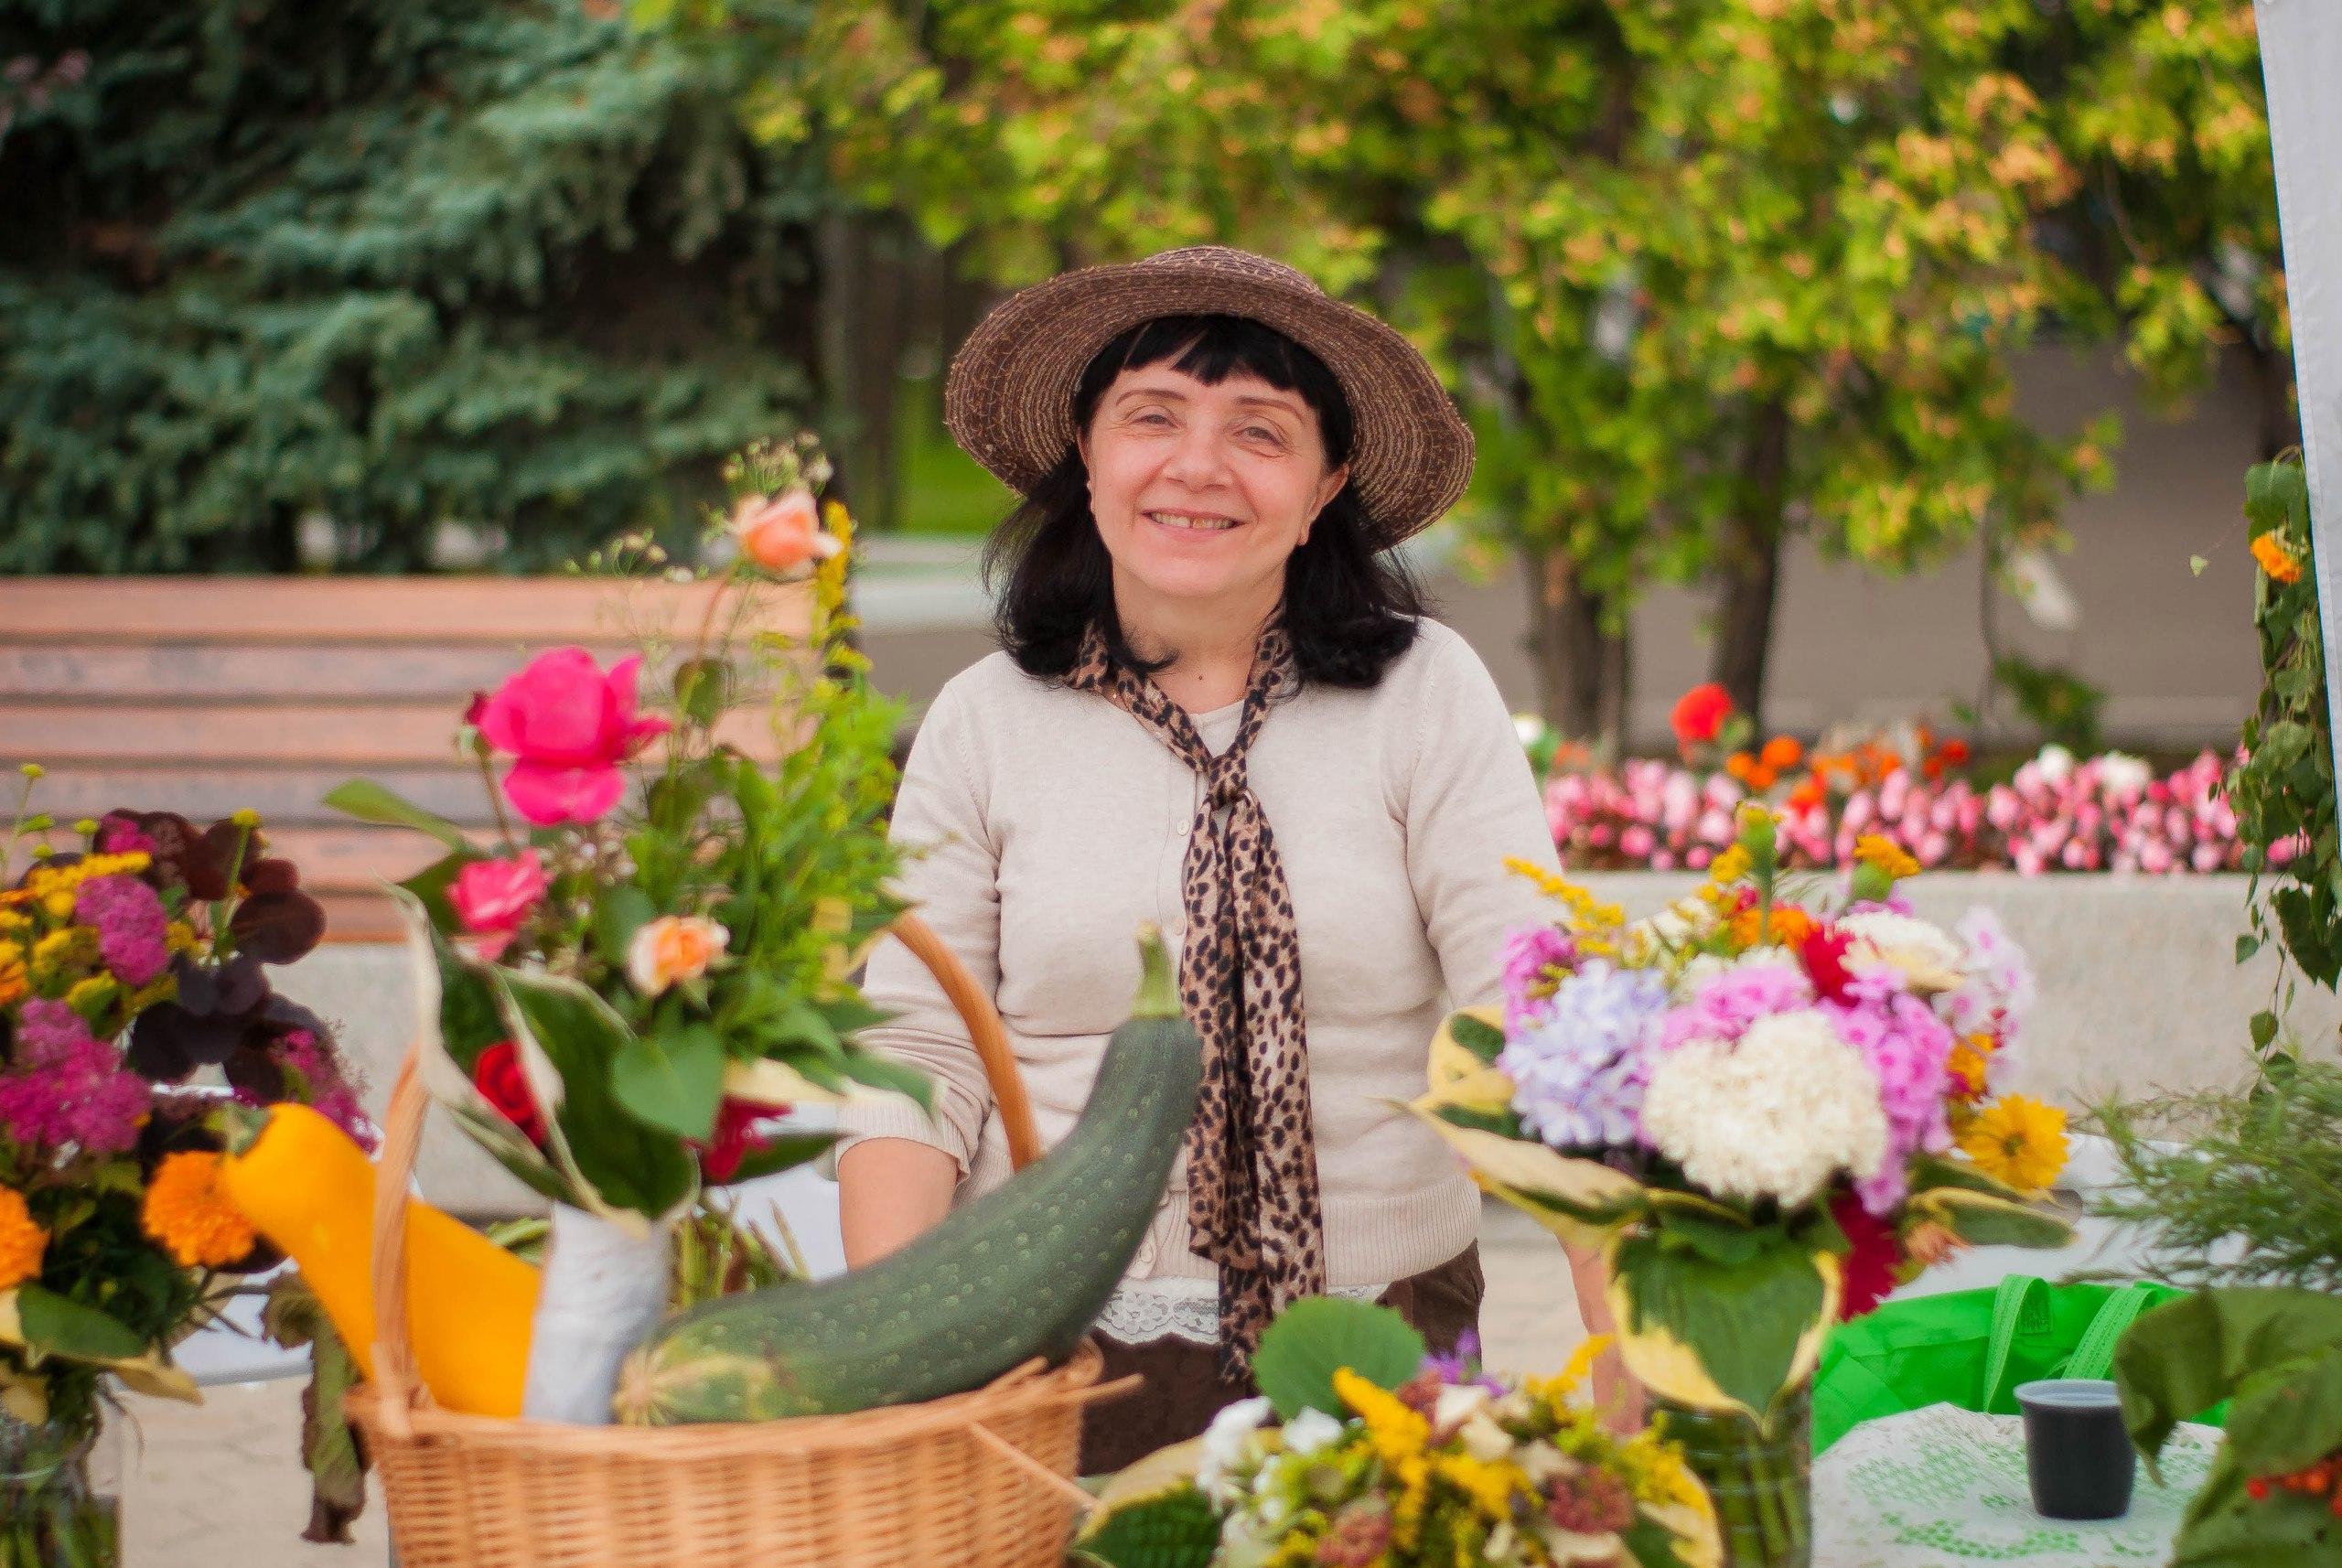 Университет Садоводов на экологическом фестивале для дачников в Домодедово